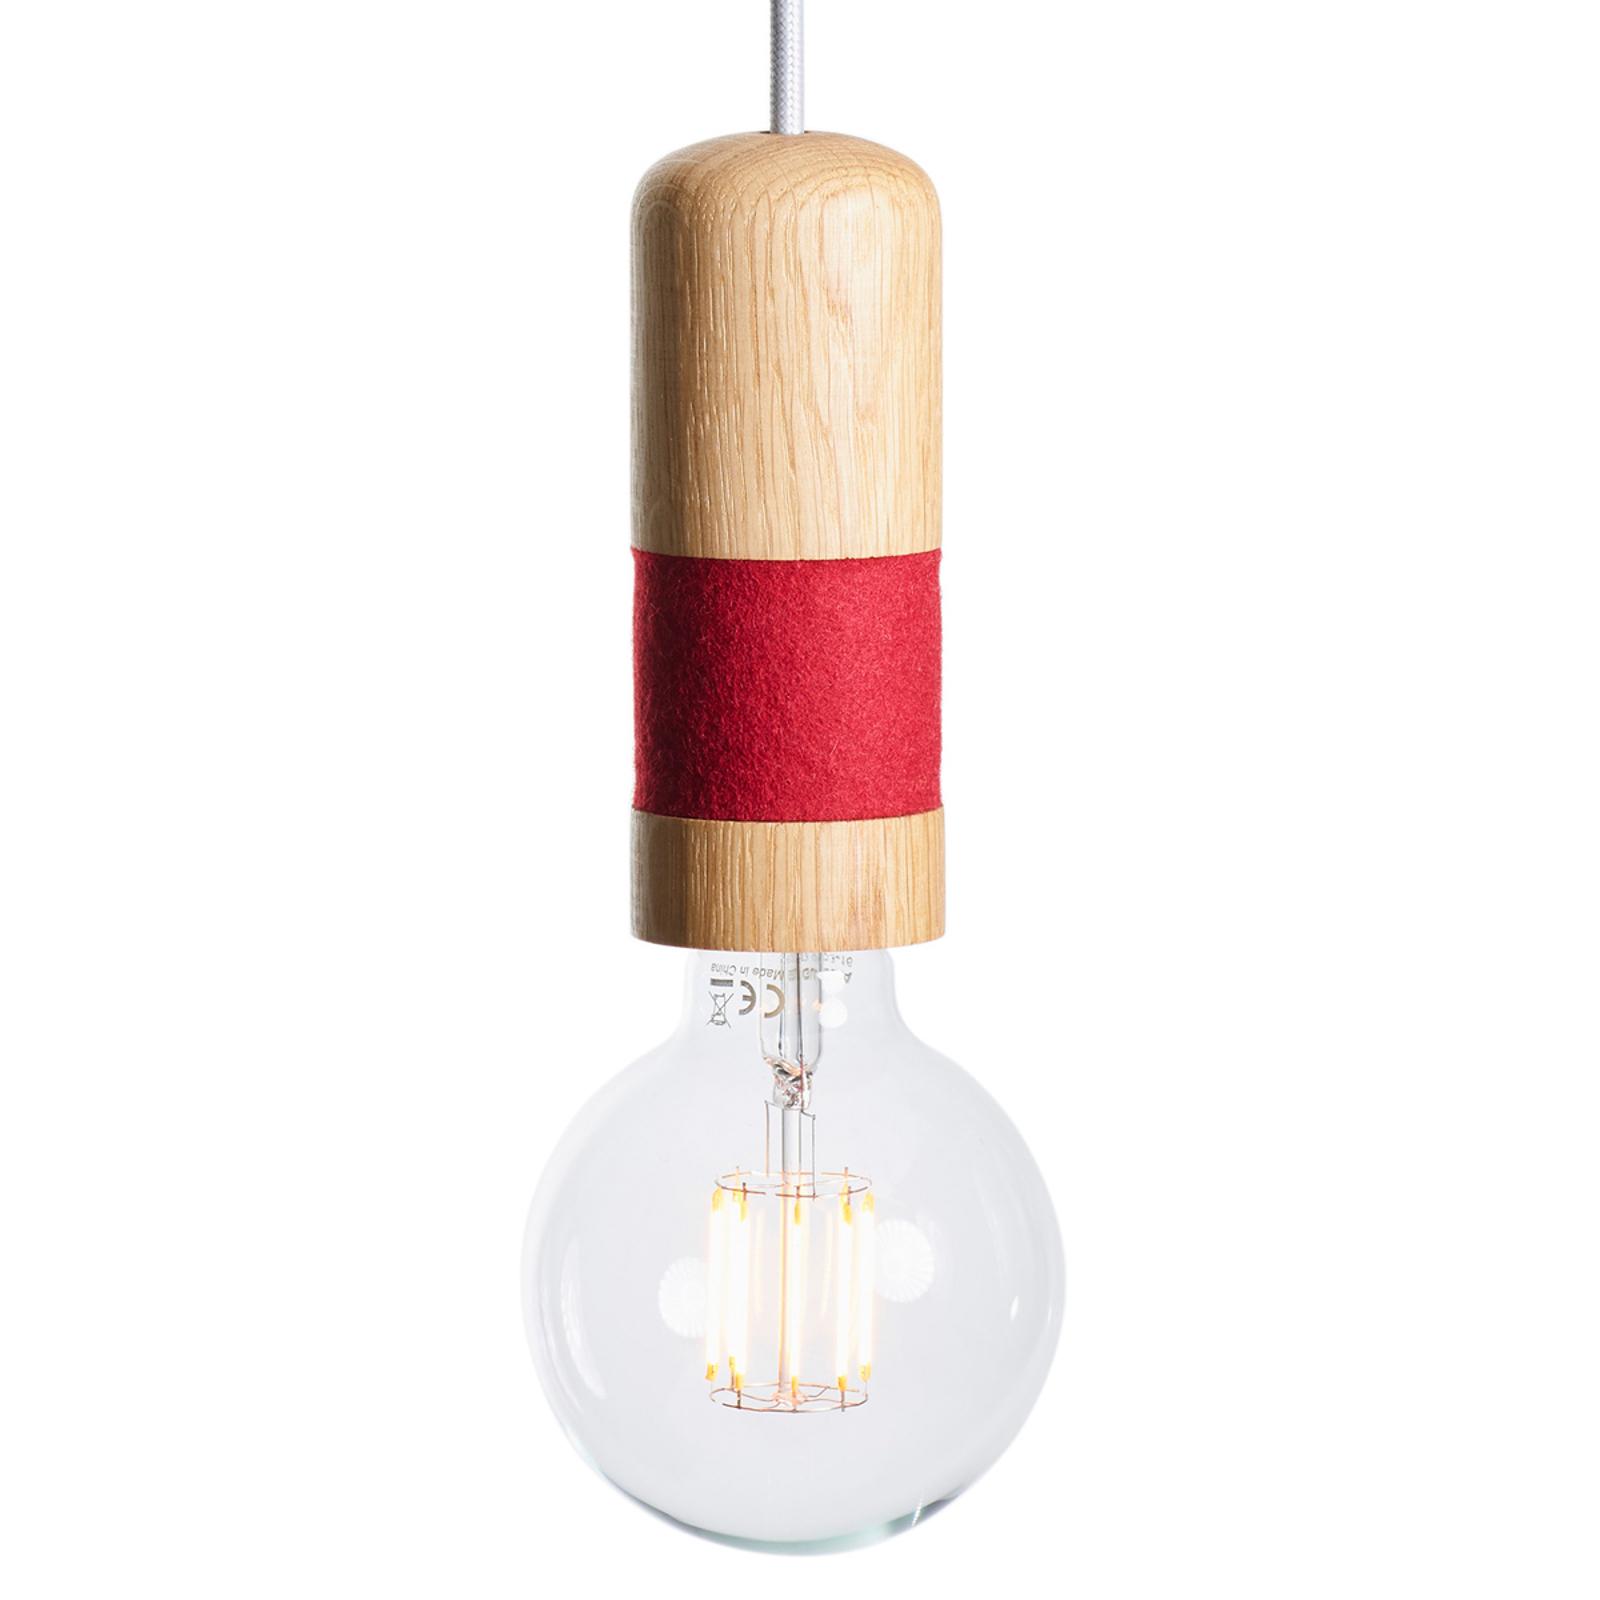 Lampa wisząca Louise, drewno dębowe, filc